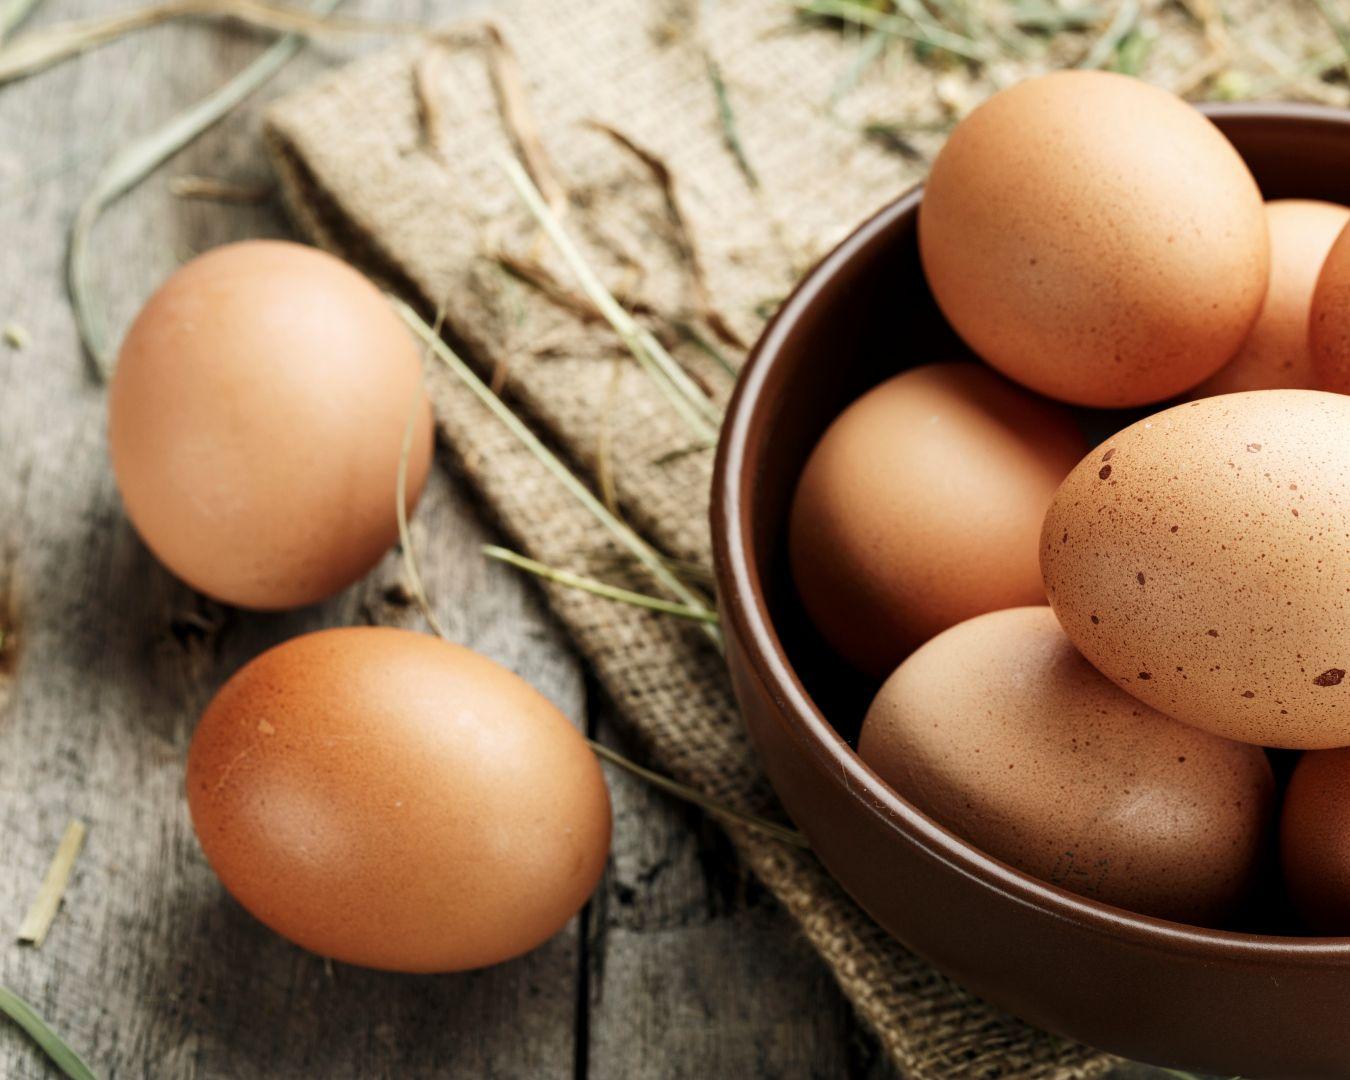 Batimos los huevos con un pellizco de sal